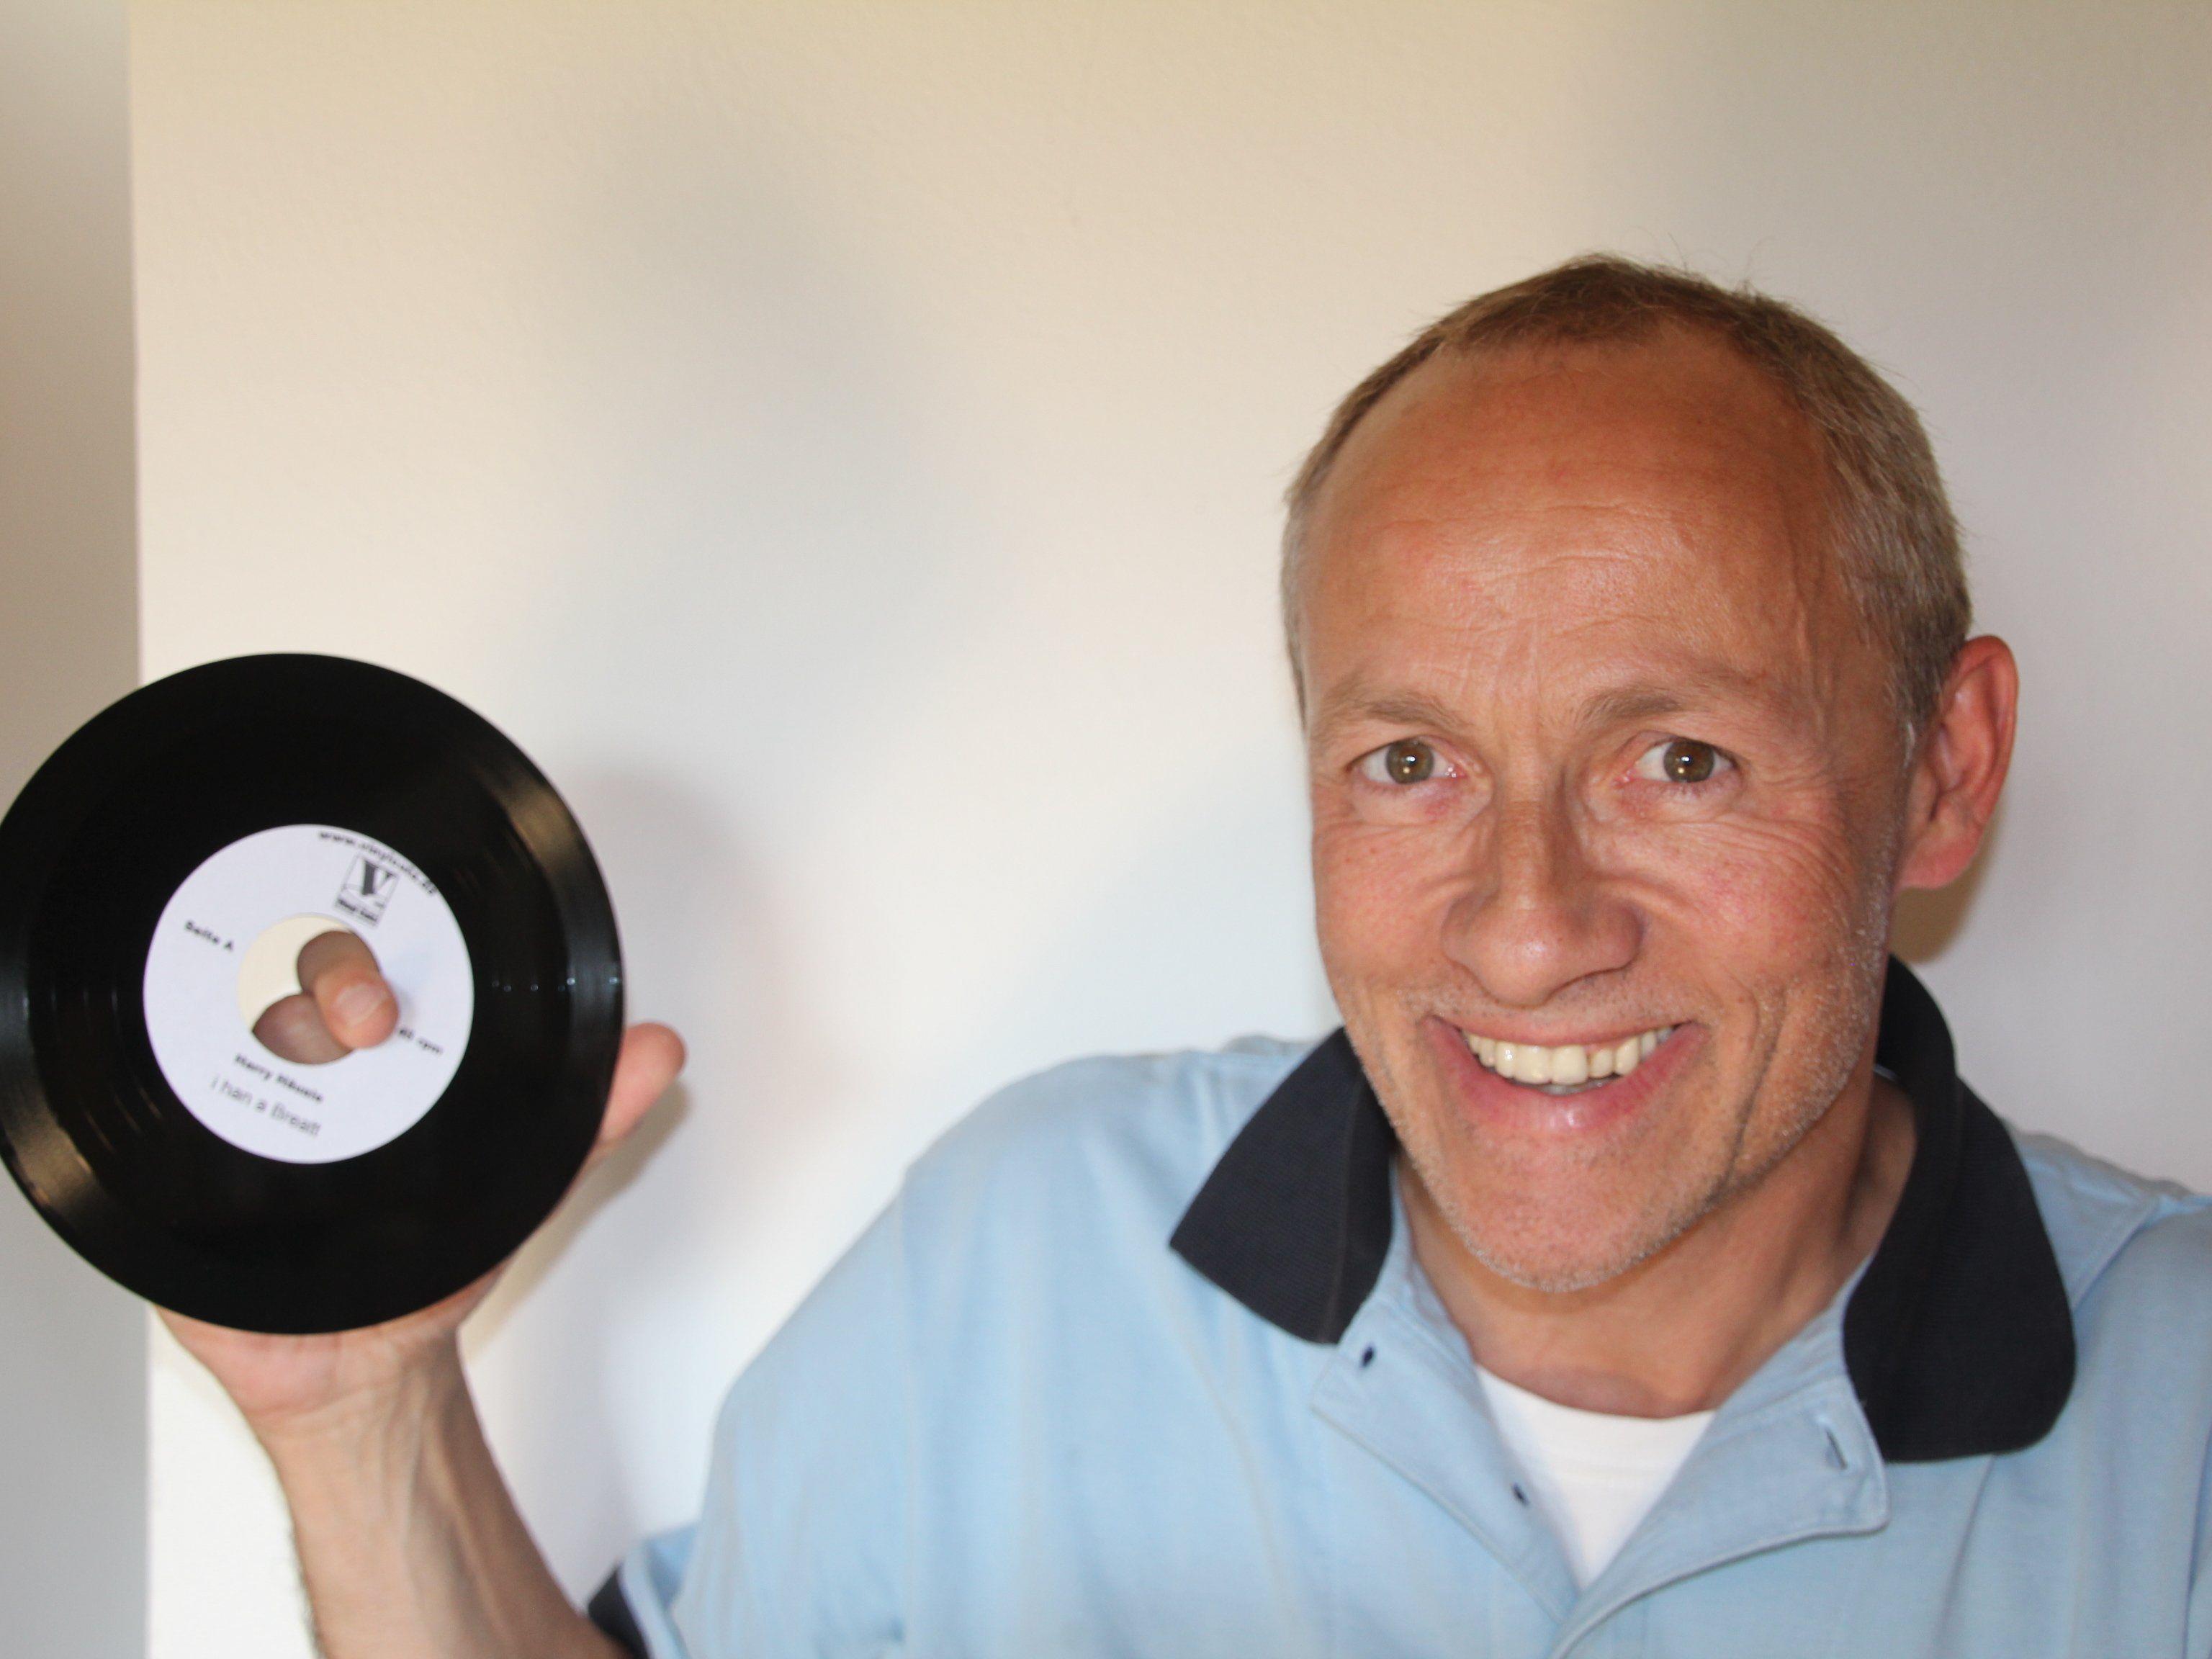 Der Rankweiler Sänger und Songschreiber Harry Häusle mit seinen Songs auf LP, die ihn besonders freut.